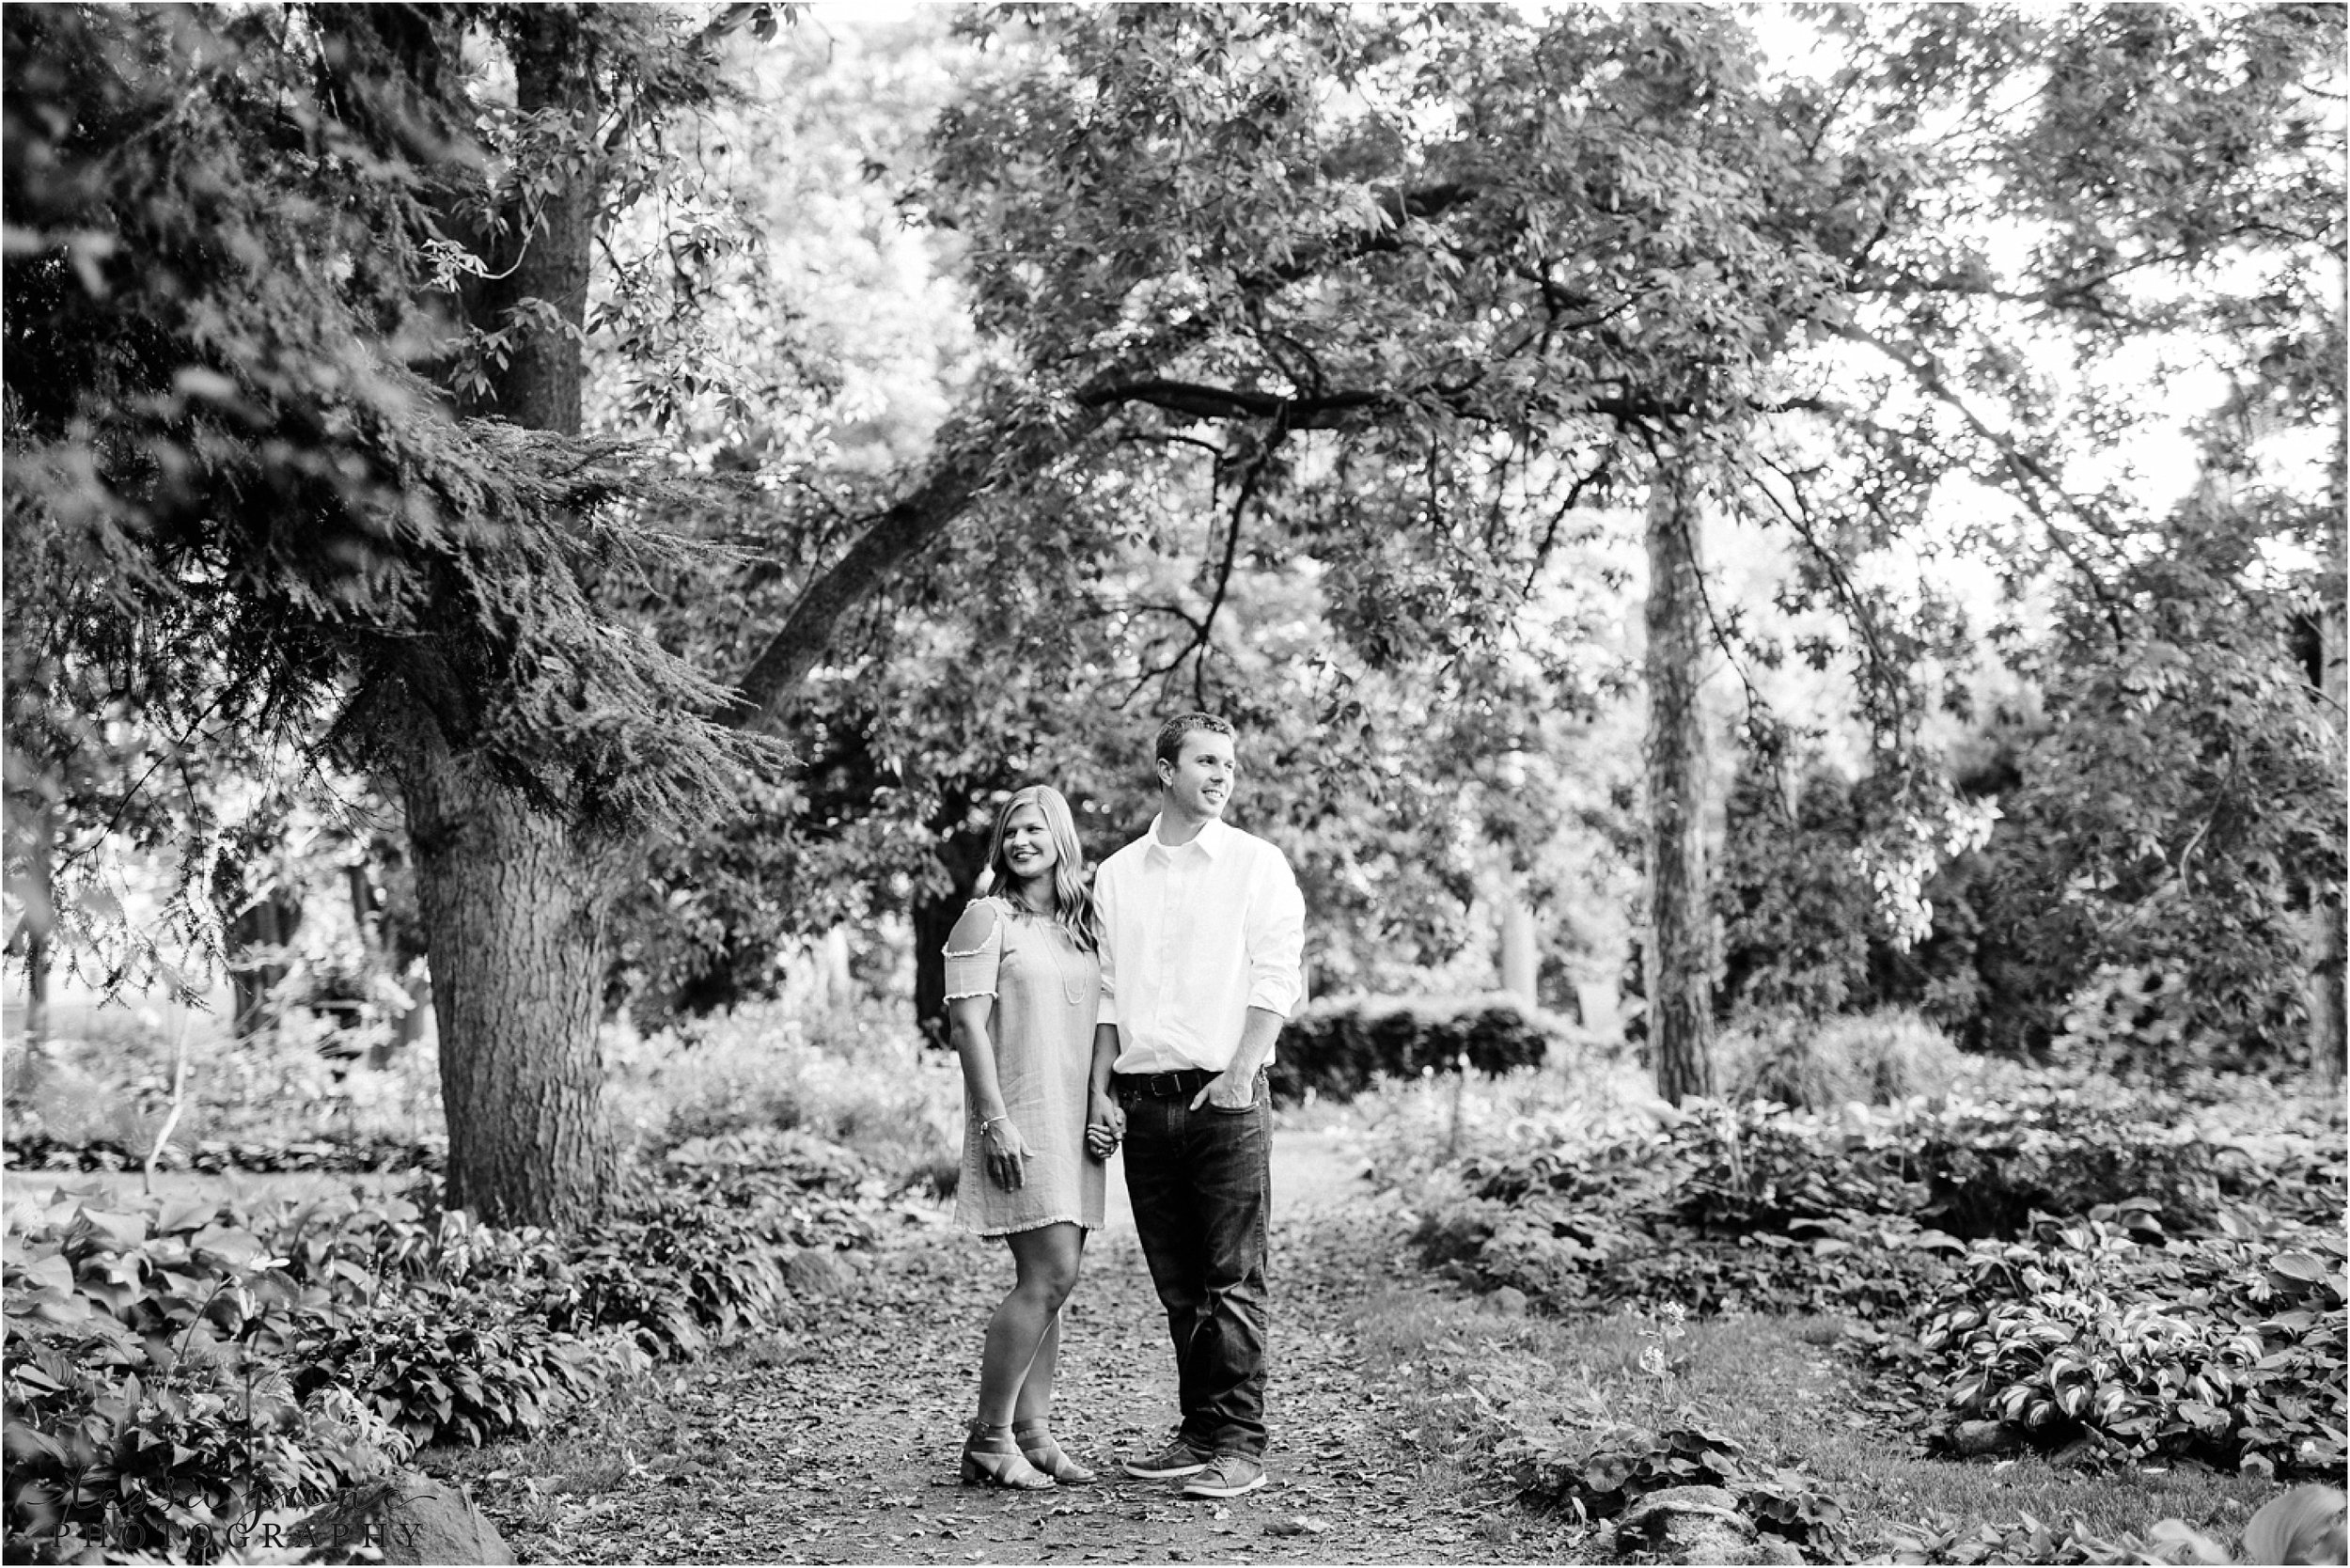 st-cloud-wedding-photographer-tessa-june-photography-munsinger-garden-engagement-14.jpg